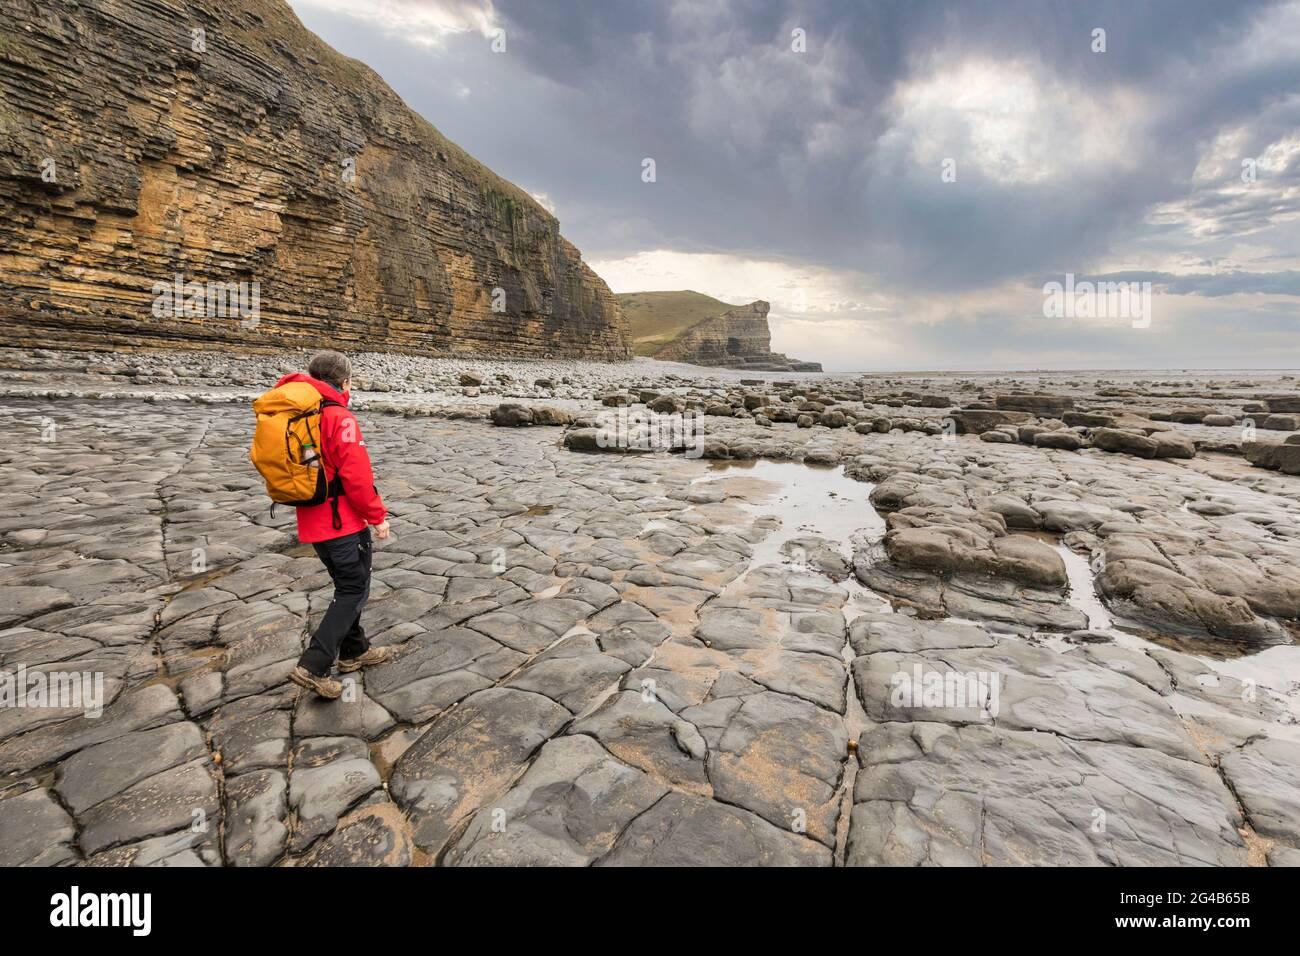 Marche sur la plage de Traeth Mawr sur le Wales Coast Path près de Monknash, pays de Galles, Royaume-Uni Banque D'Images